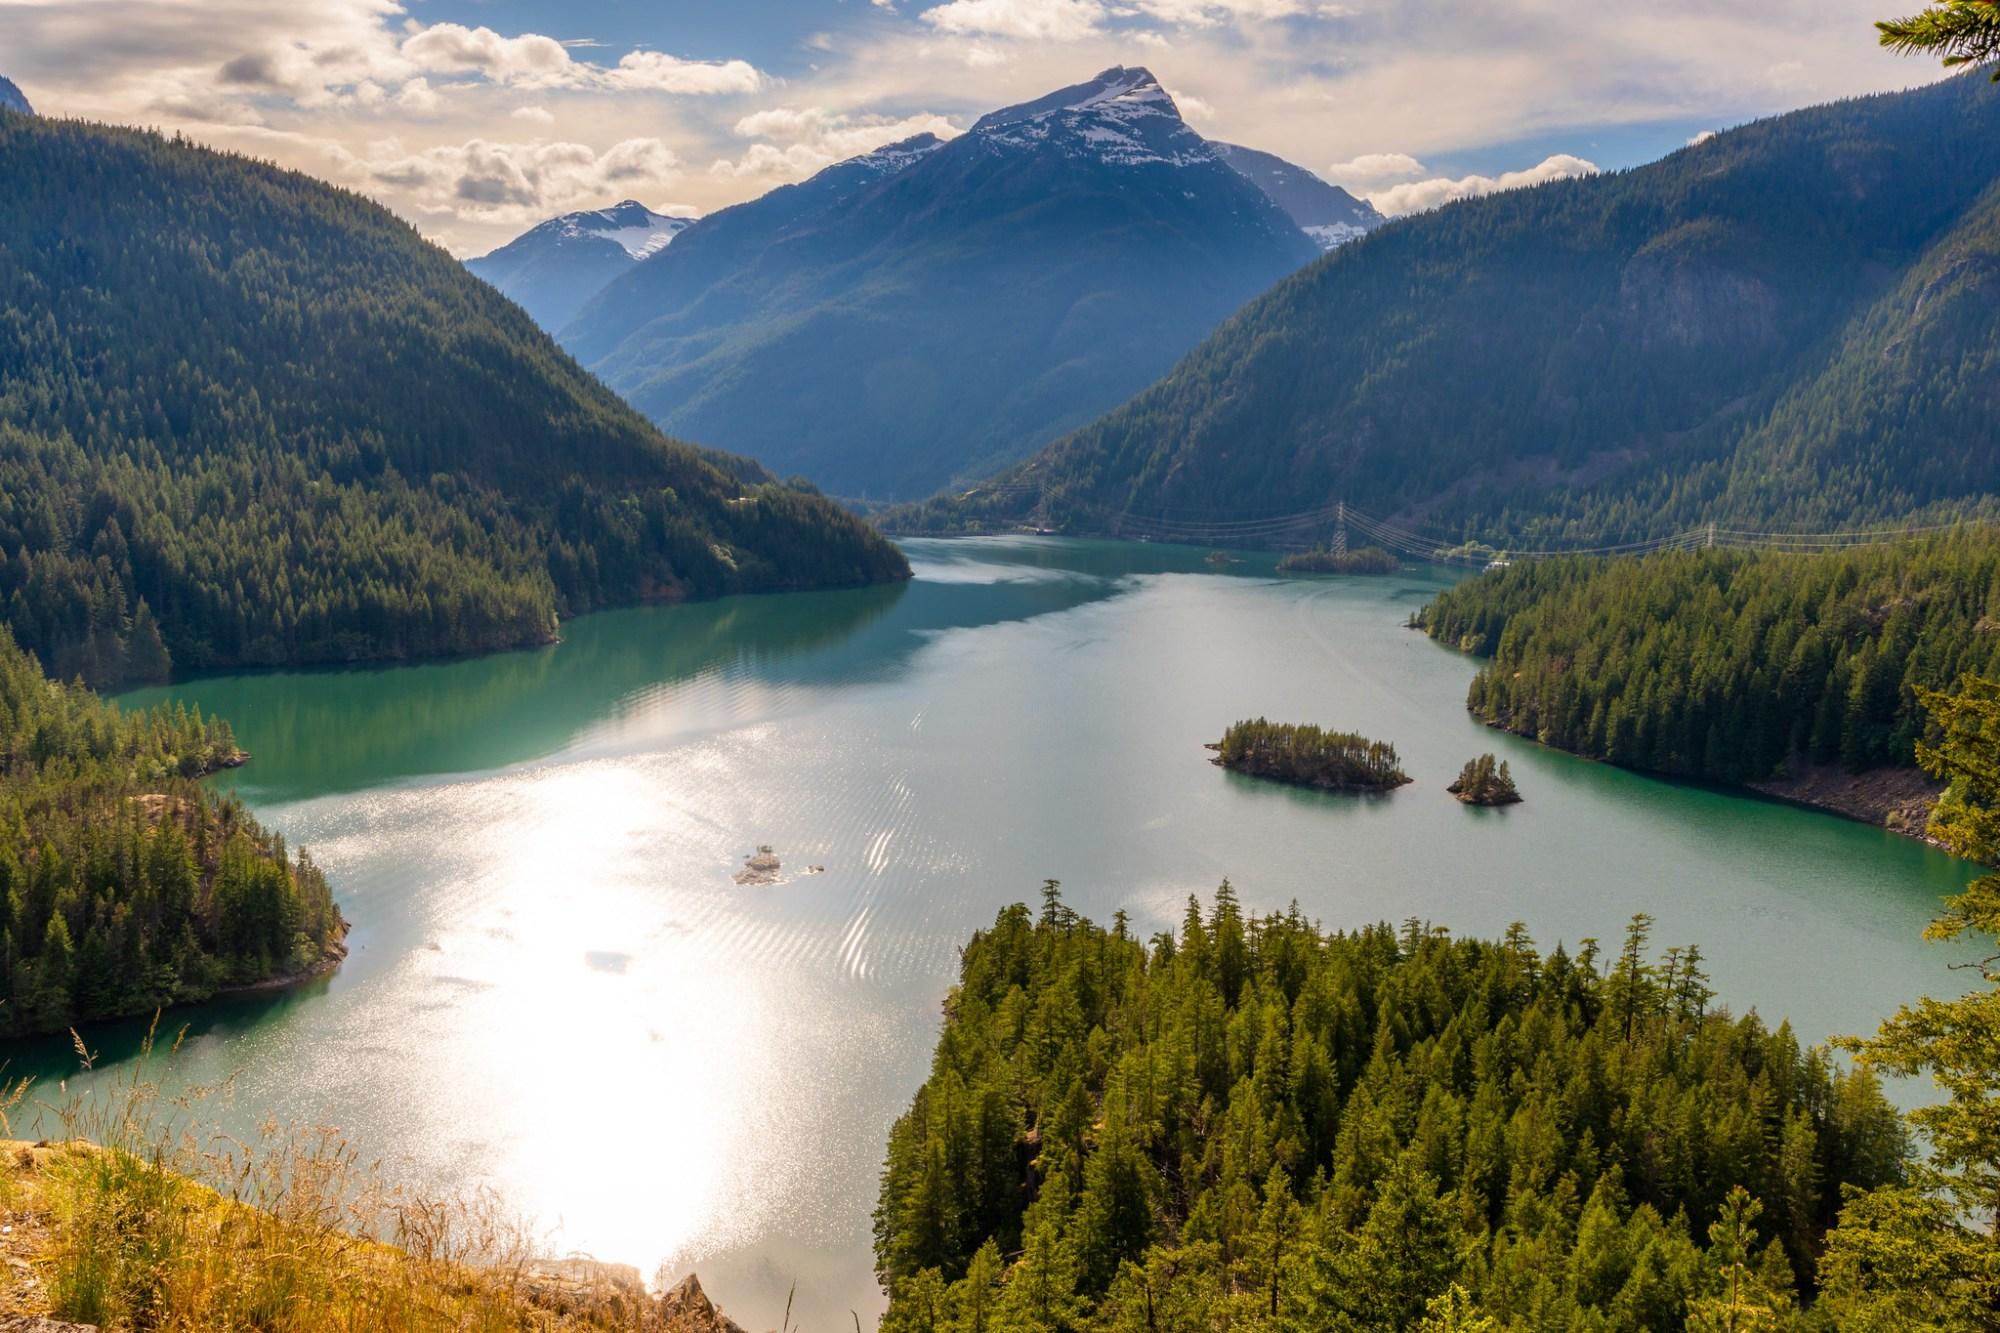 05.26. North Cascades. Diablo Overlook